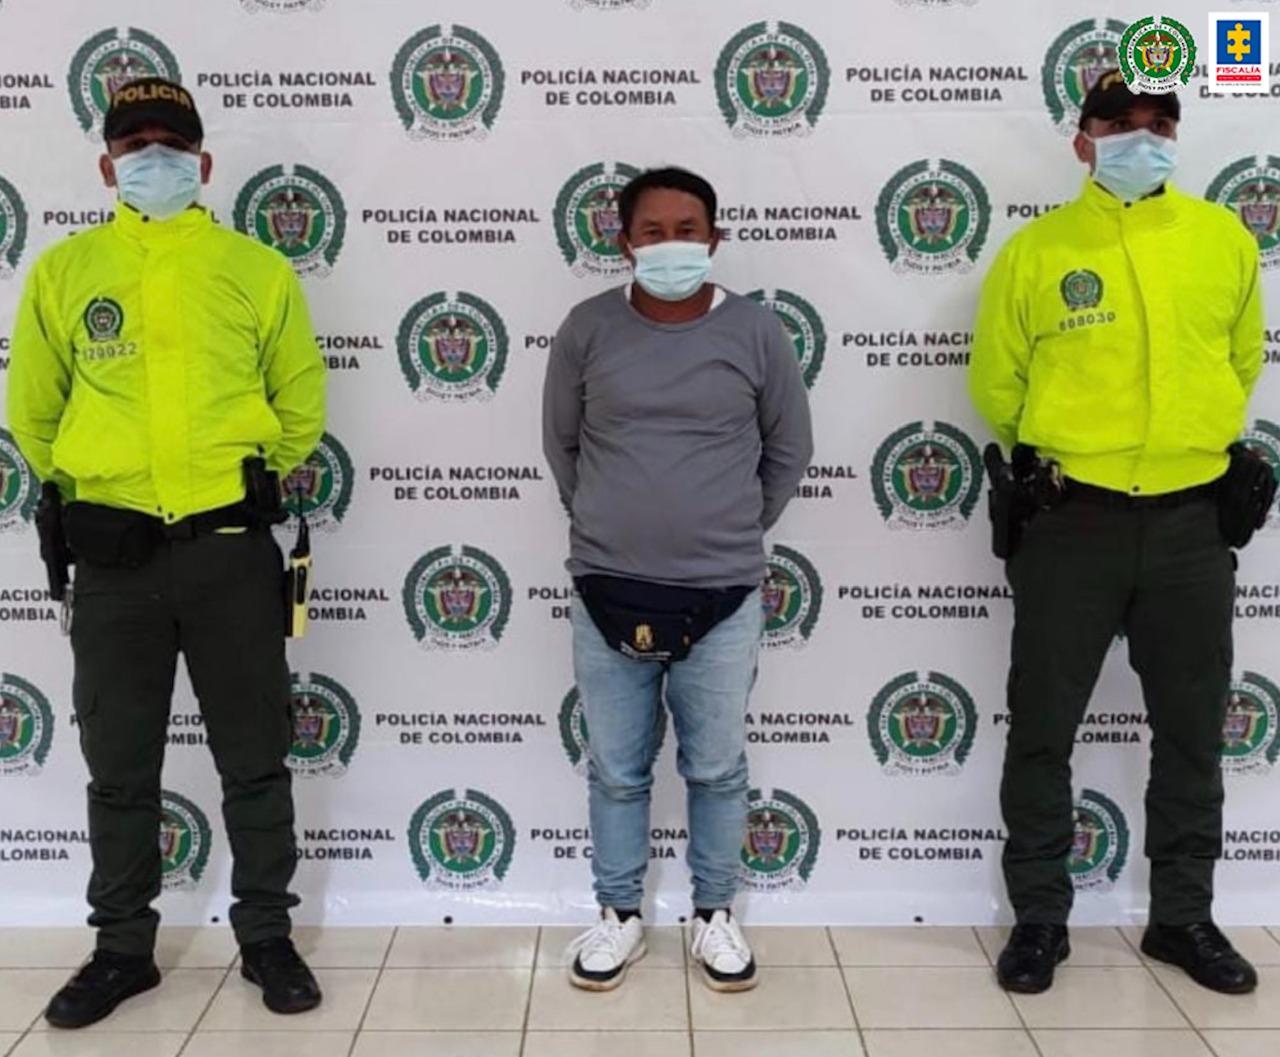 Cárcel para presunto abusador de dos hermanas en Mitú - Noticias de Colombia